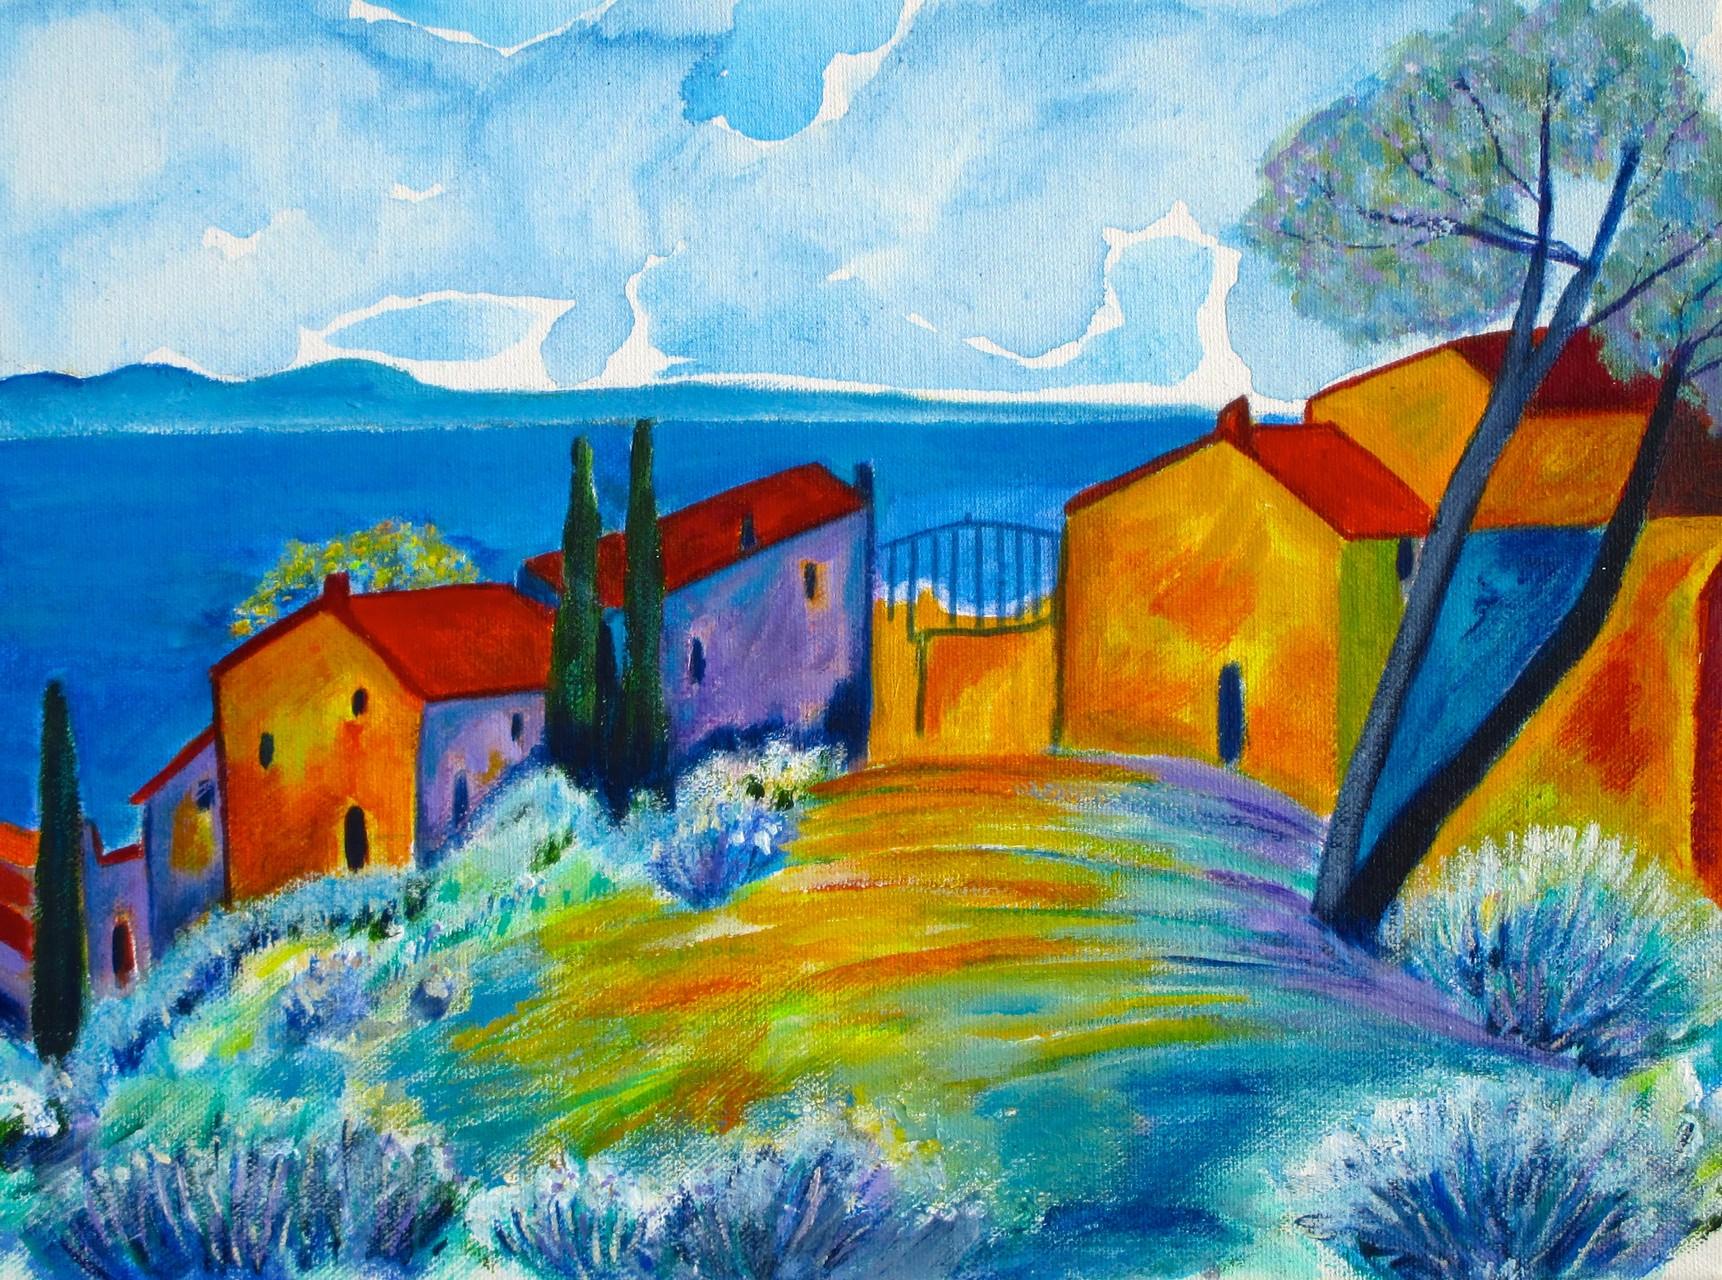 Liguria, acrylic on canvas, 16 x 12